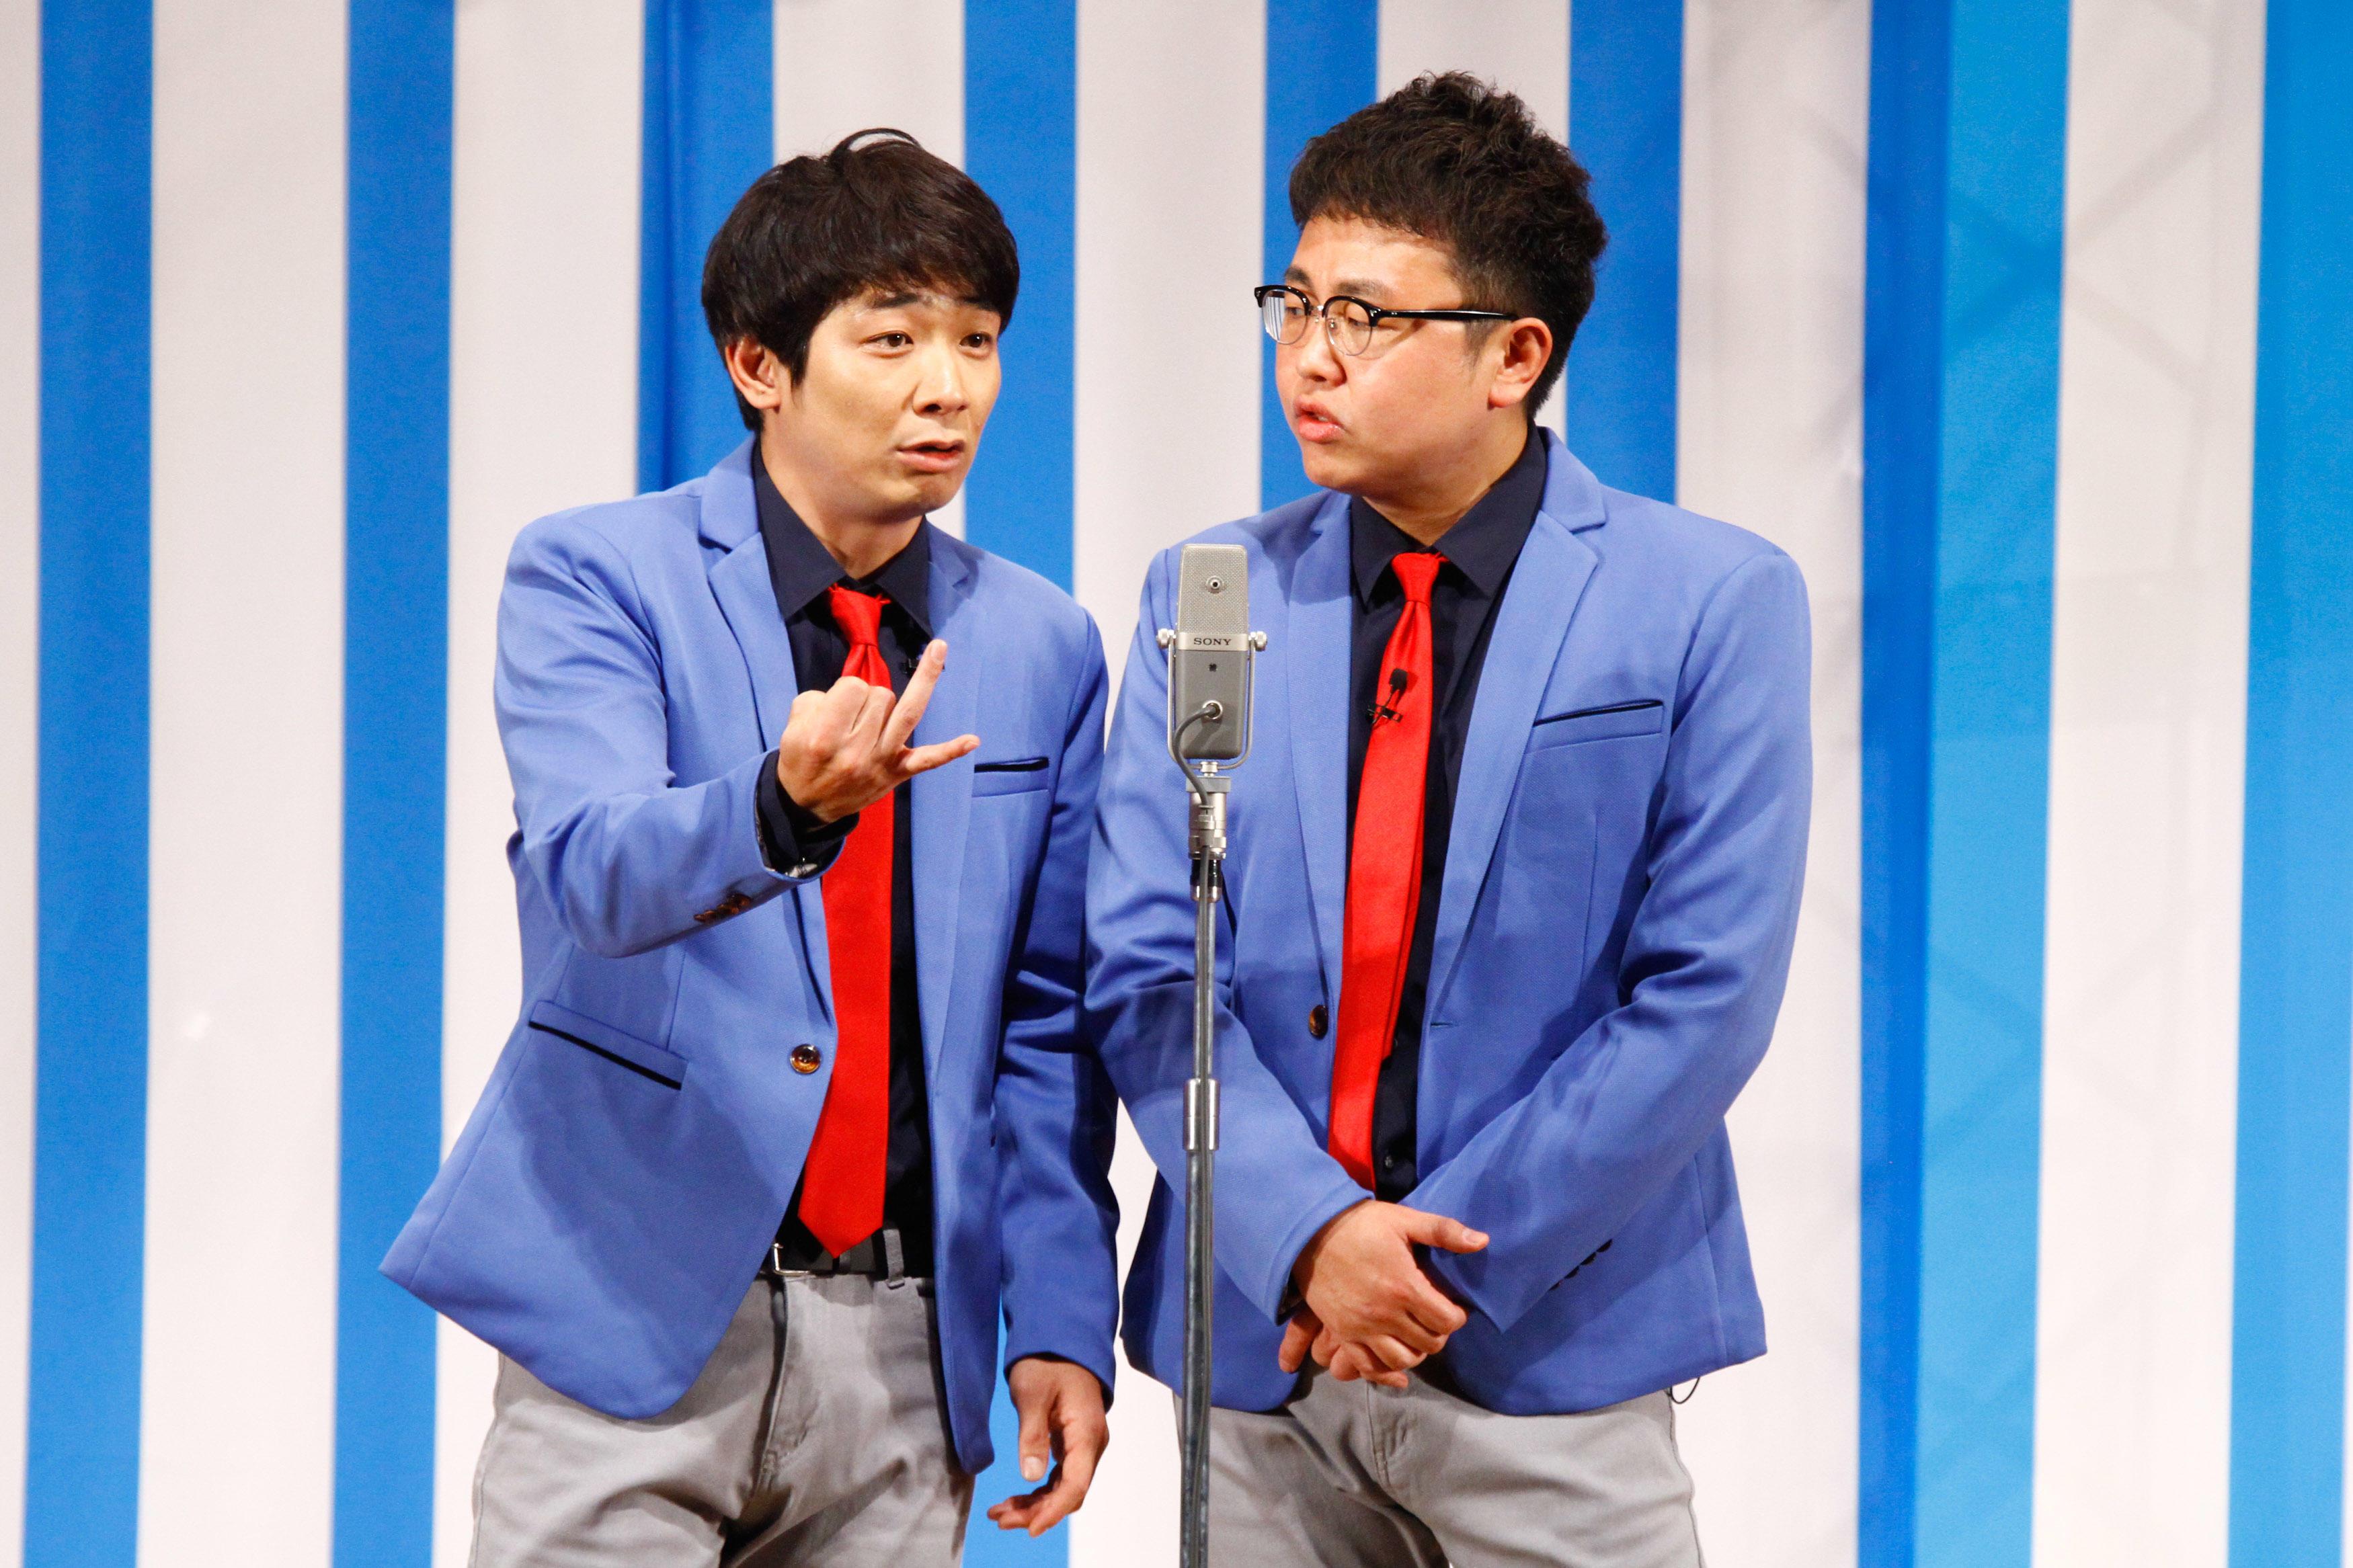 http://news.yoshimoto.co.jp/20190108100329-36c3693702e2f2b9a4a69b48739e7d459efa735d.jpg